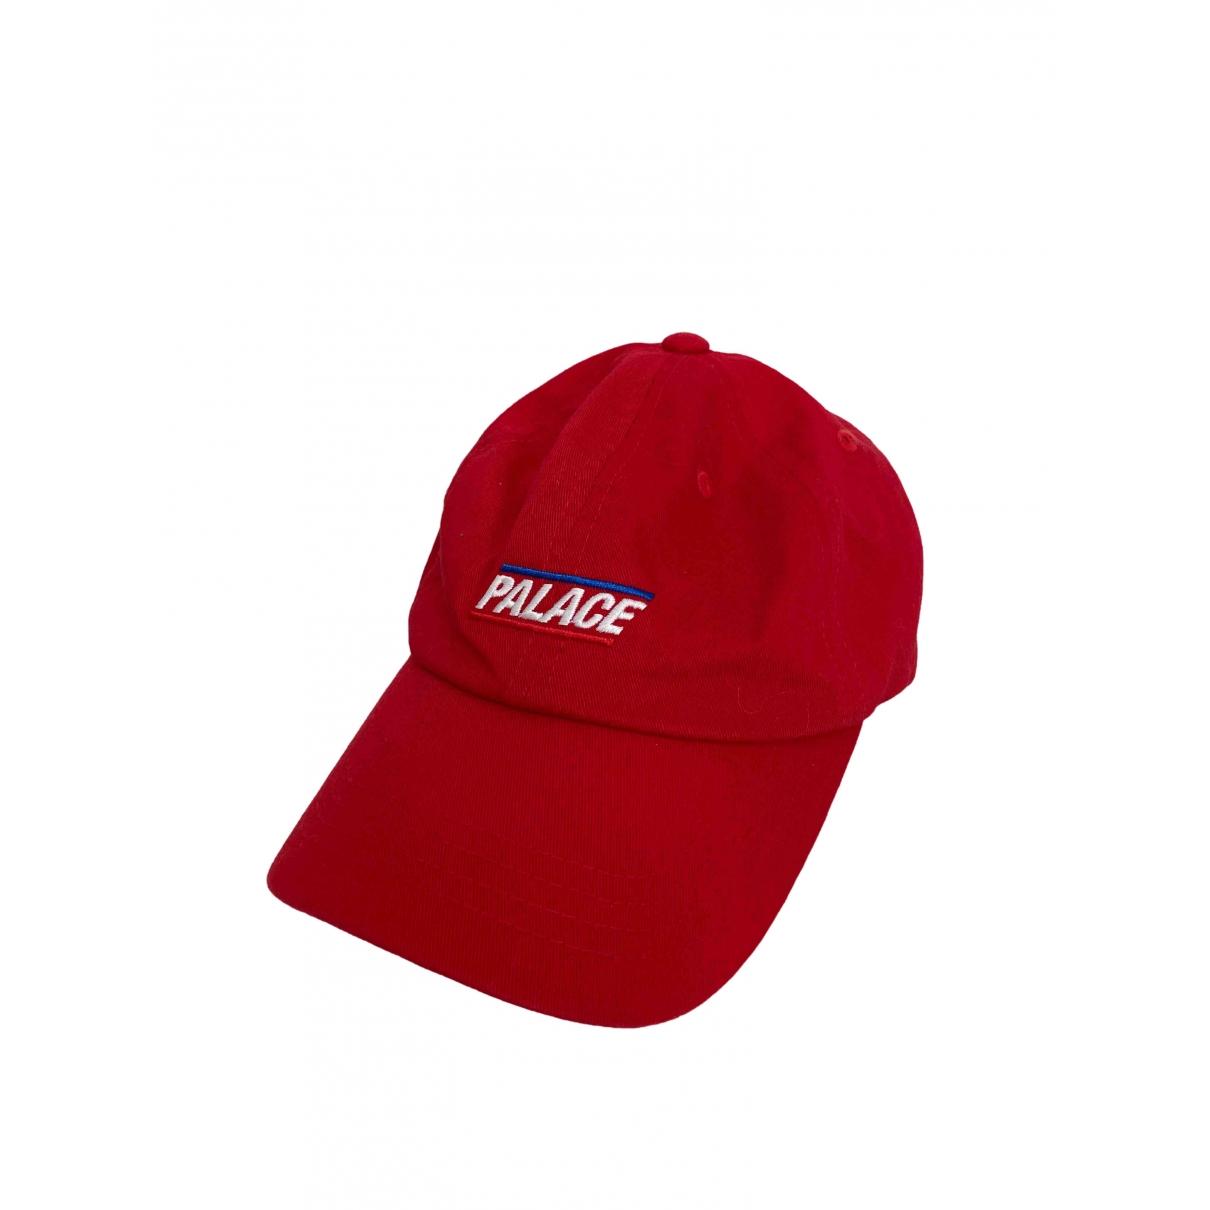 Sombrero / gorro Palace